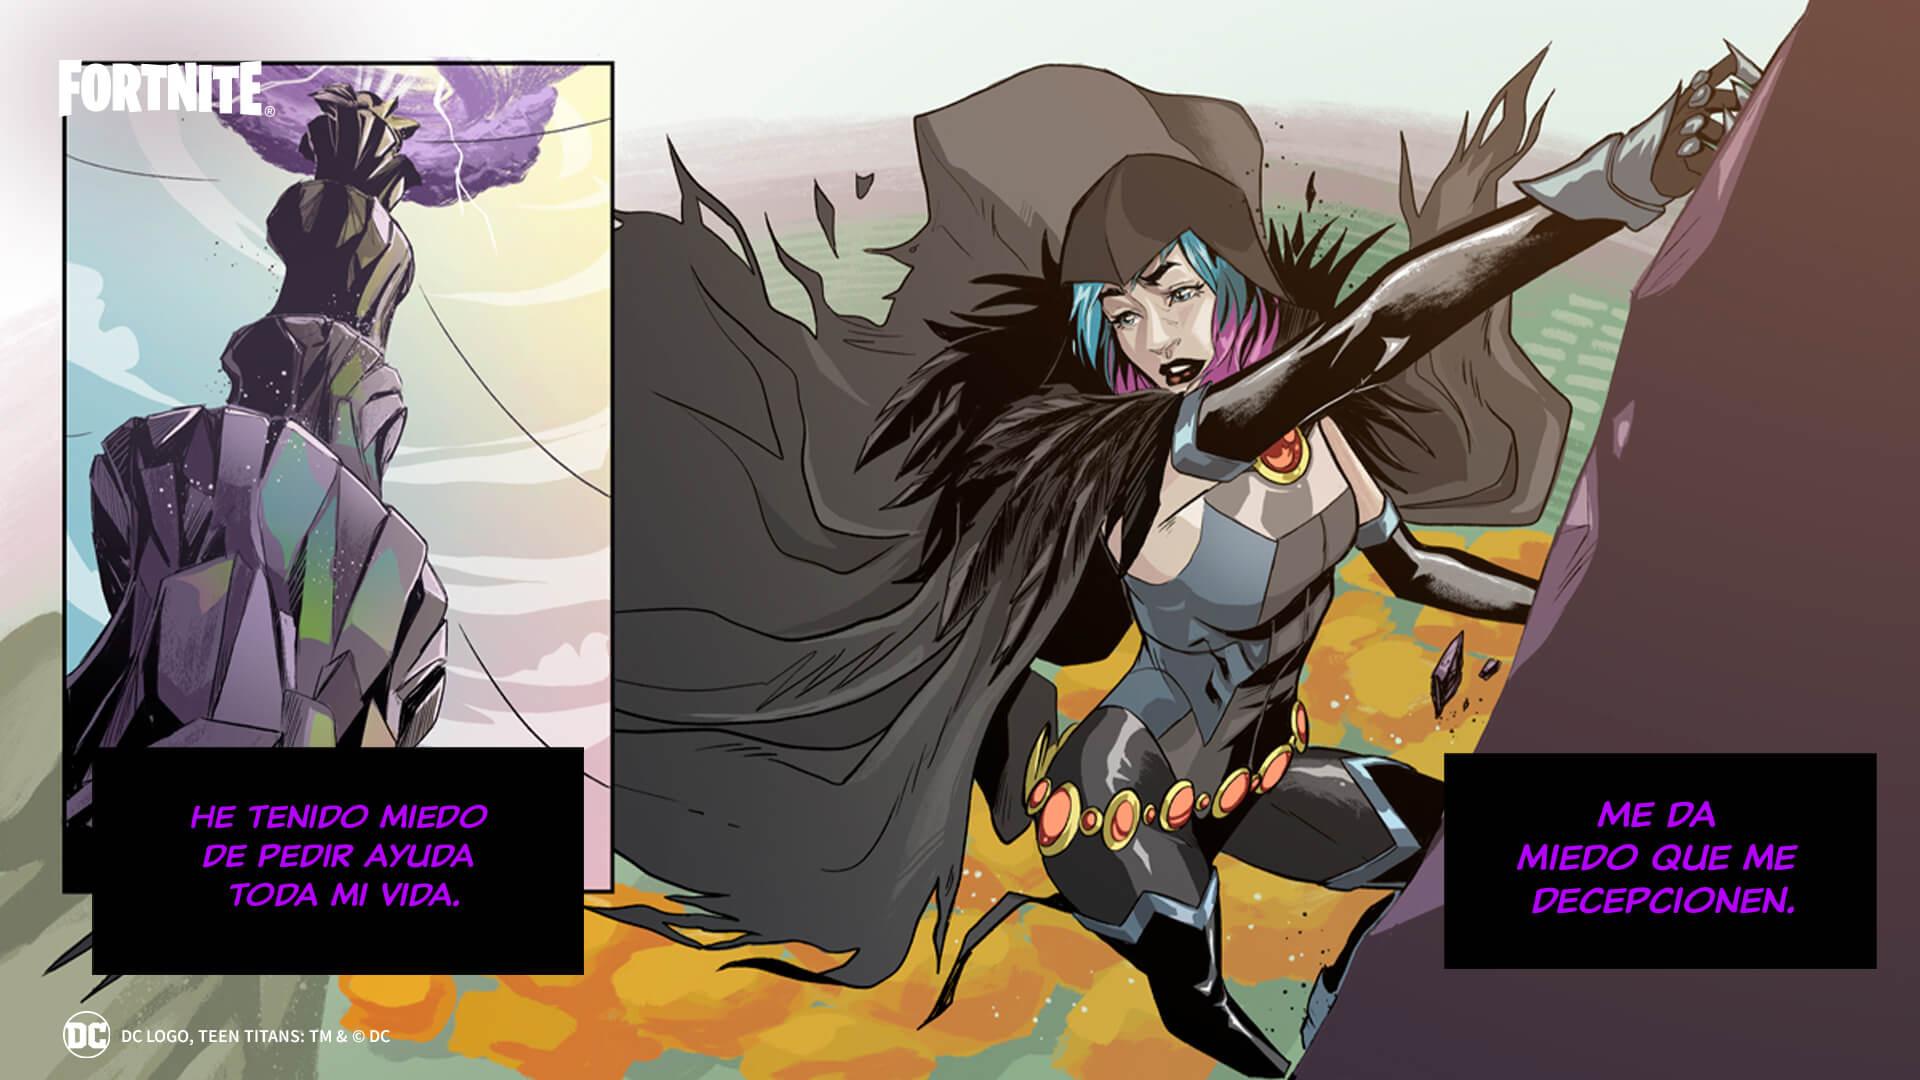 ES MX Raven BeastBoy S16 01 Social 1920x1080 1